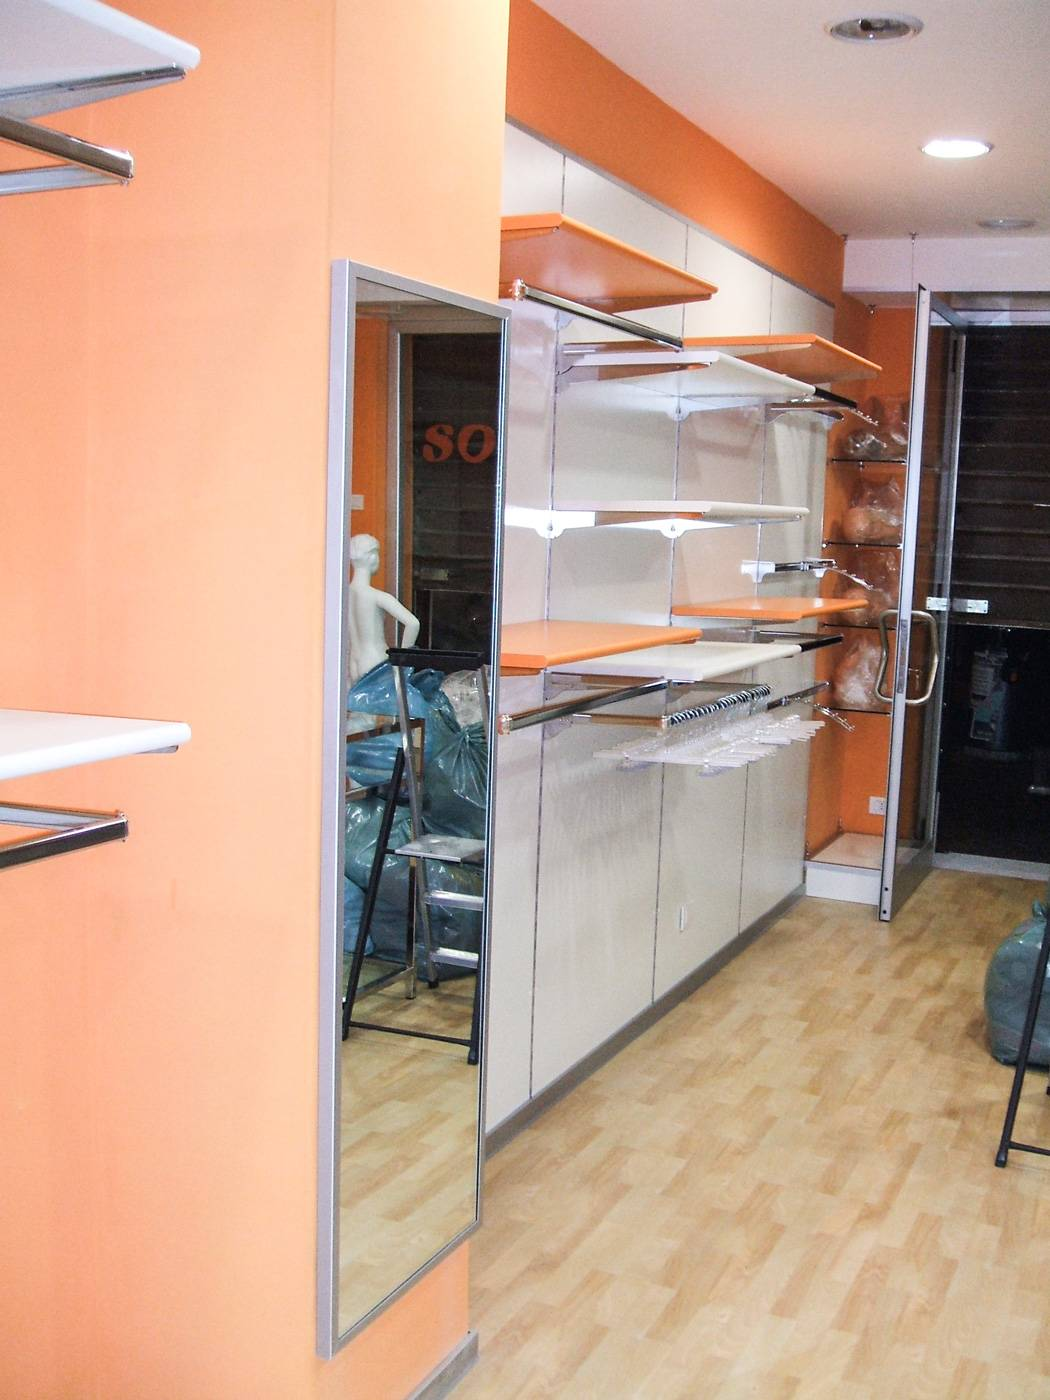 Negozi mobili a roma volete arredare la nuova casa o for Negozi mobili